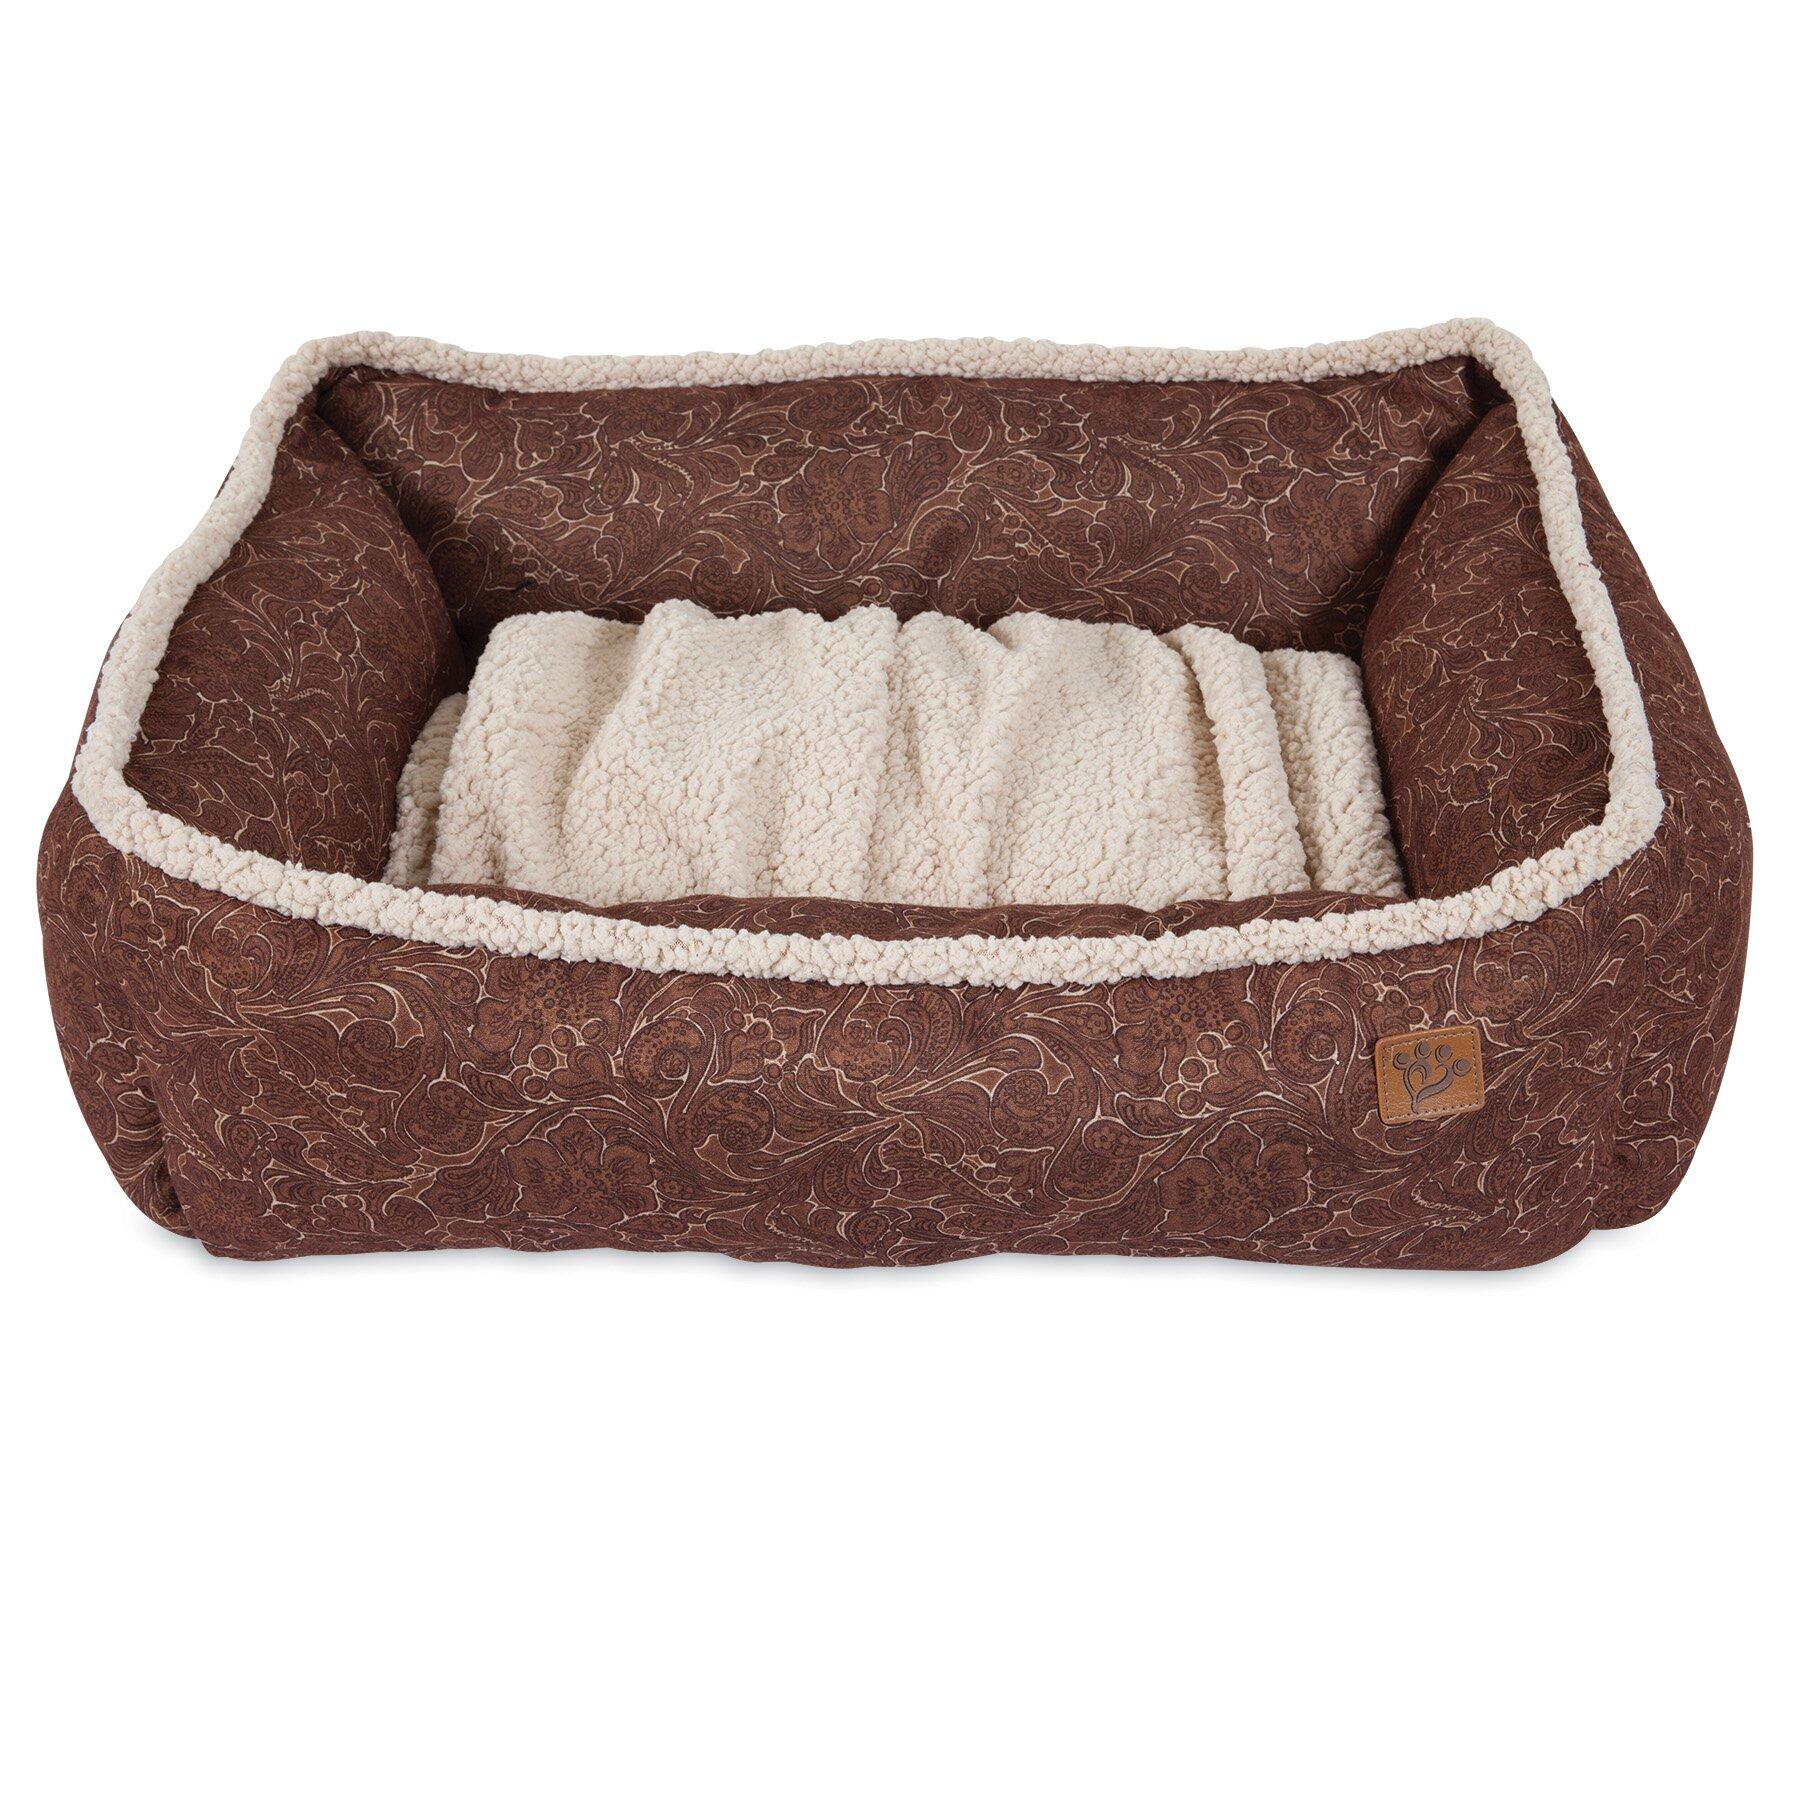 Muttnation Dog Beds